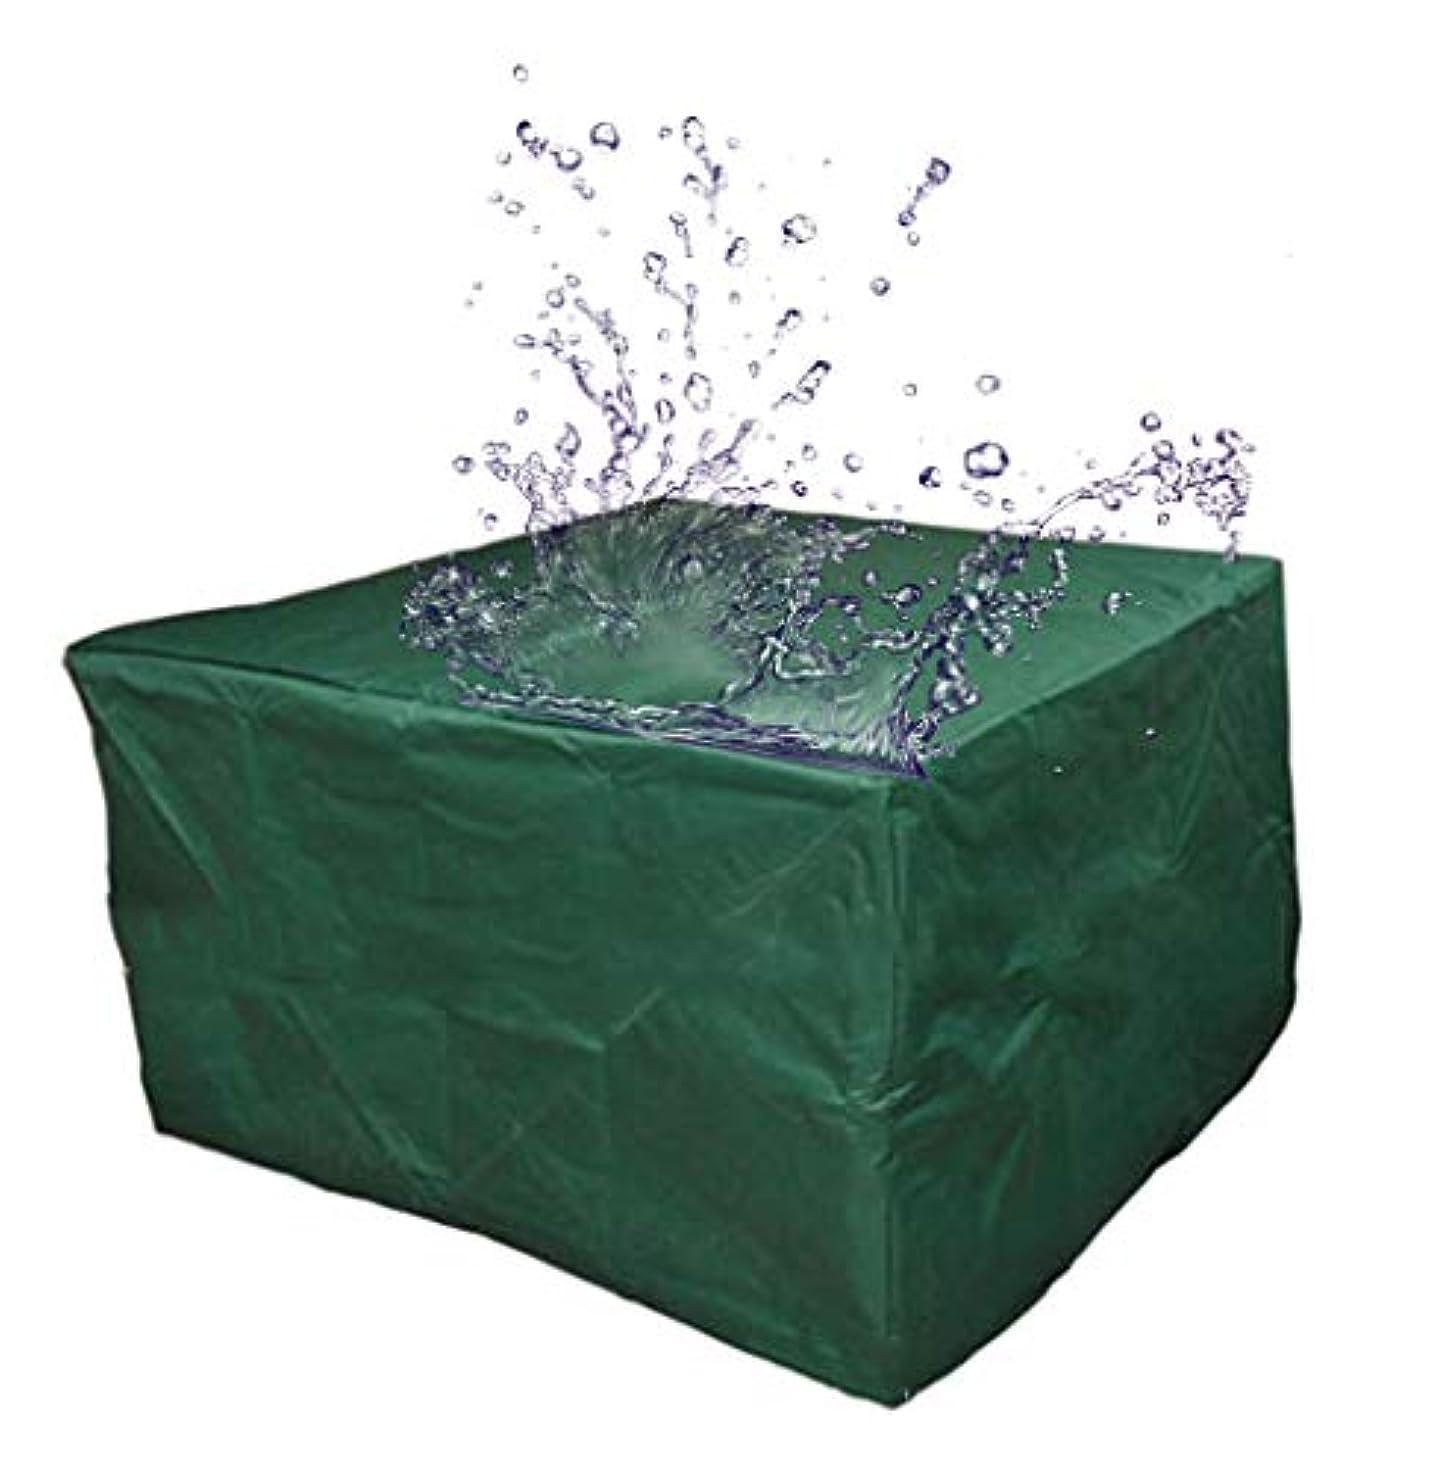 ジョットディボンドンの面では整然としたXiuhua ダストカバー - オックスフォード布、屋外用家具カバー、家具用プロテクター、防水カバー型カバー、屋外用保護具(4サイズ) 家庭用ダストカバー (Size : 205 x 145 x 70cm)